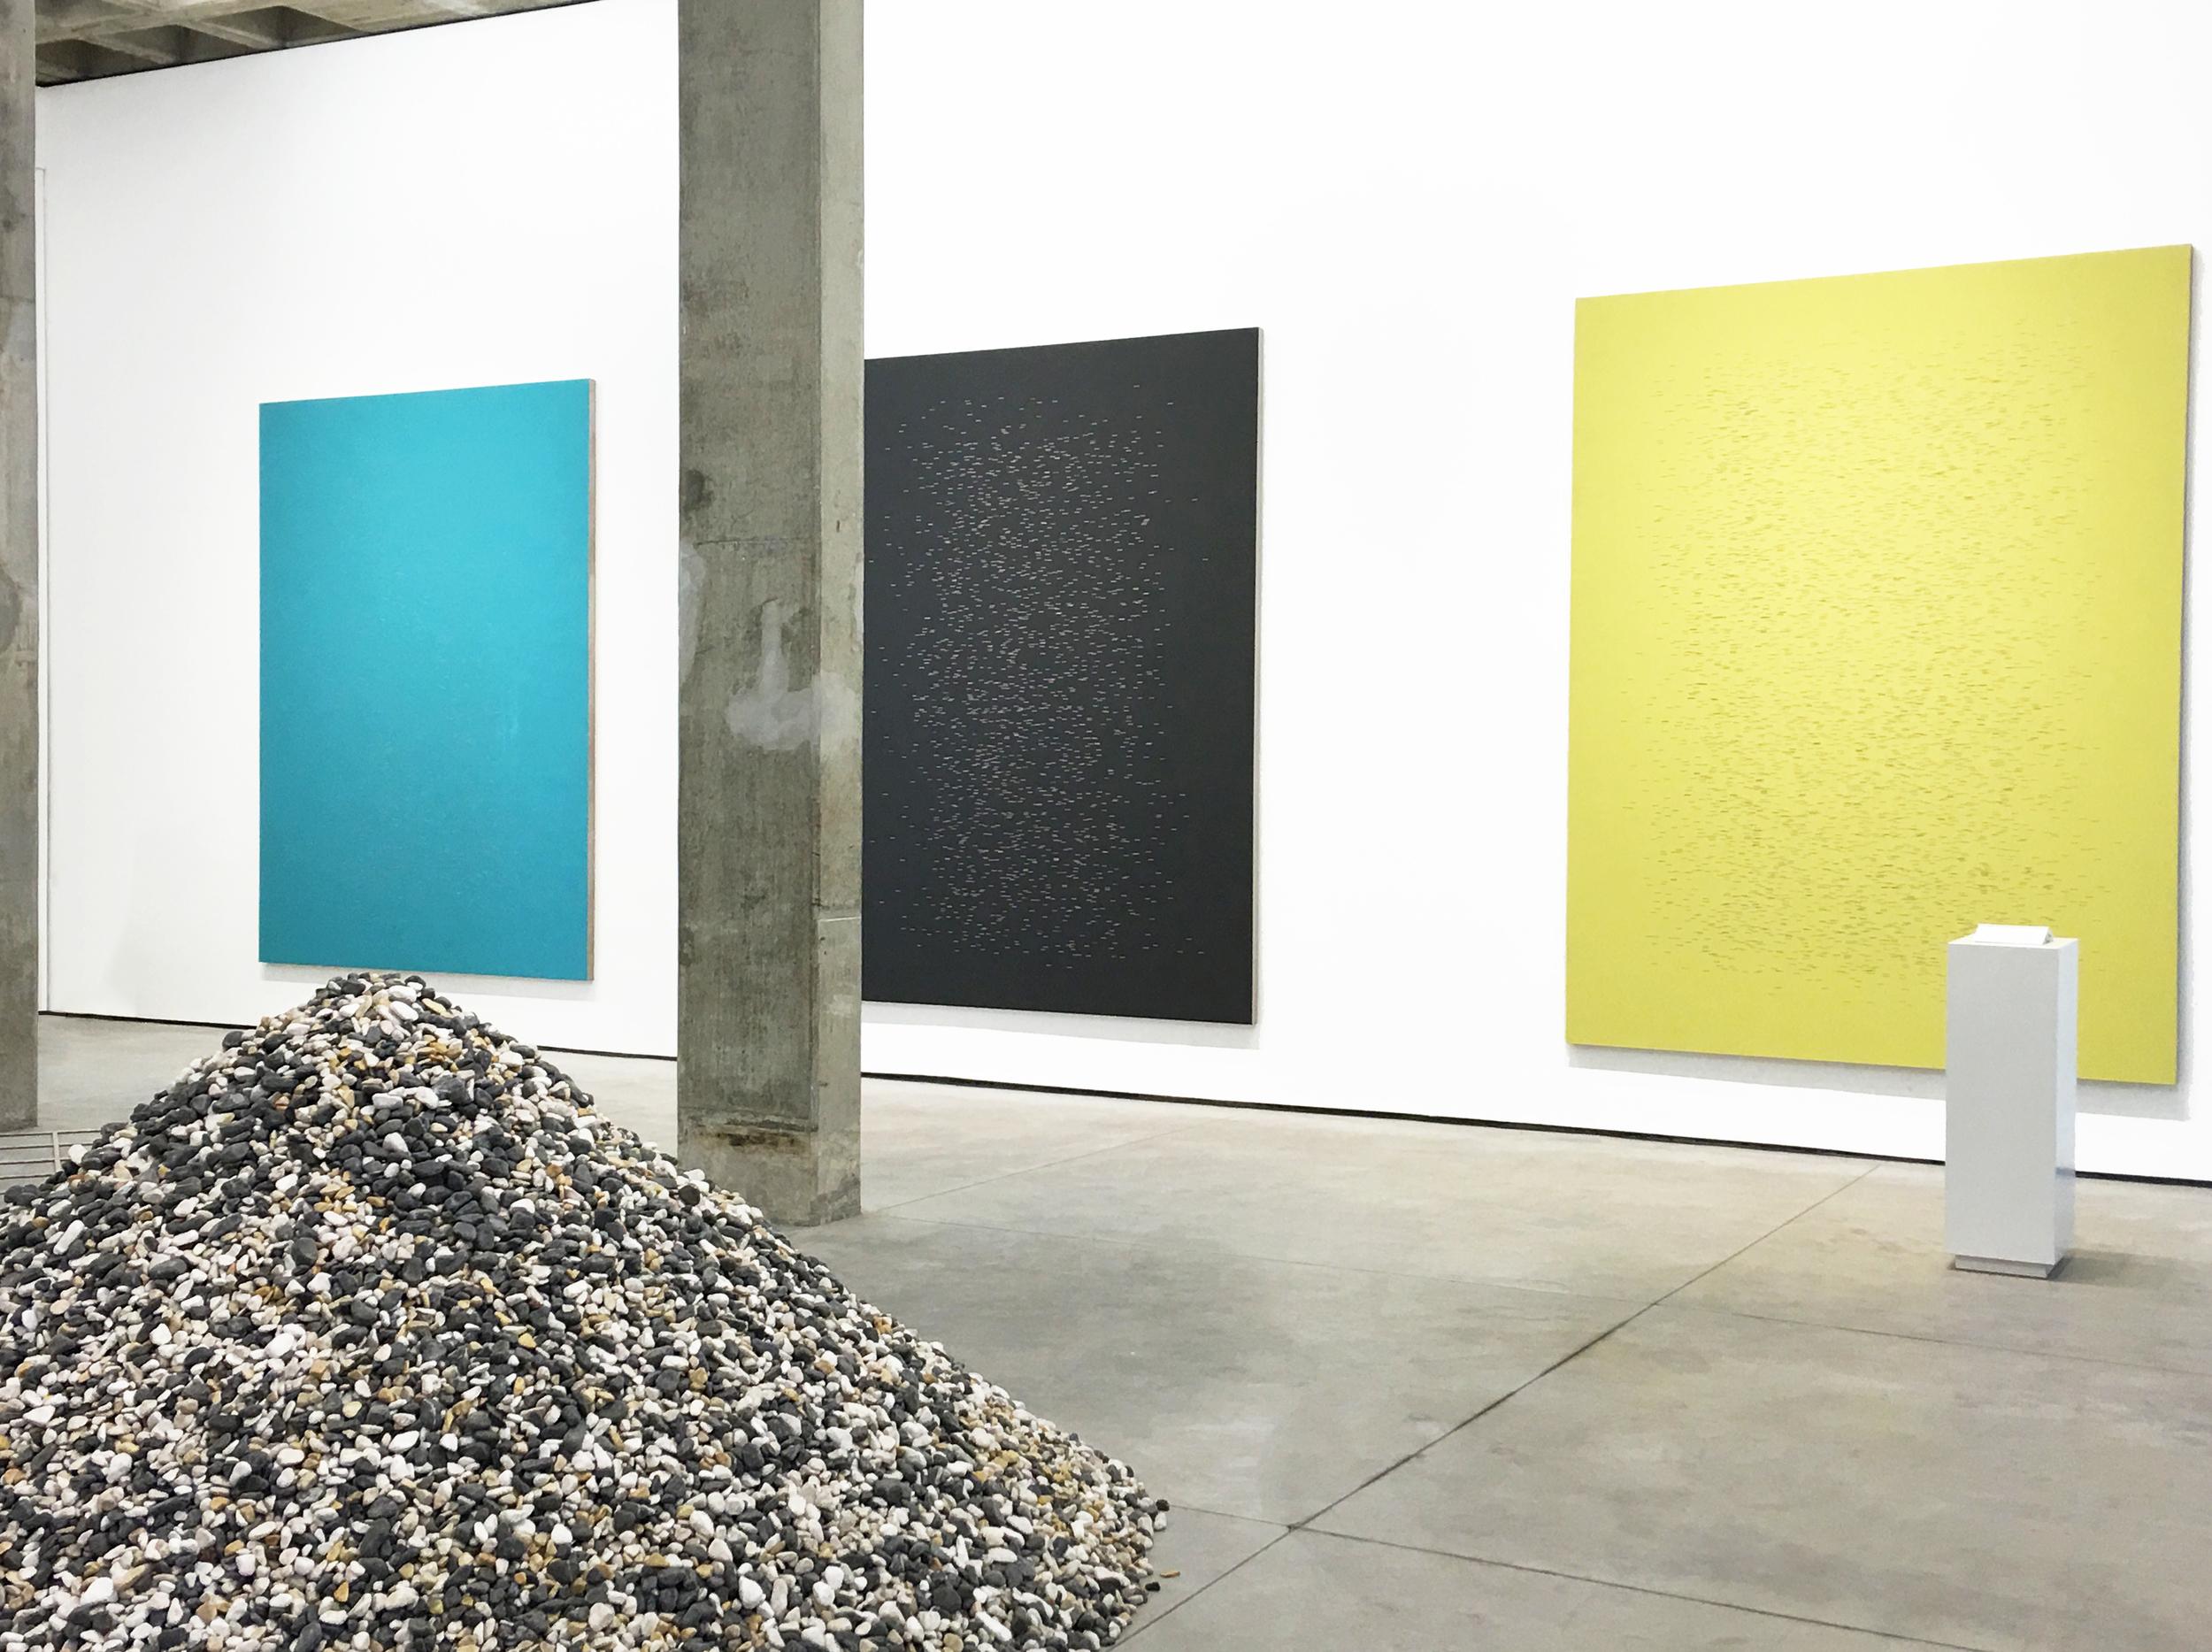 Jorge Méndez Blake, Ventana poniente, Vista de la exposición en la galería OMR, Ciudad de México / West Window, Exhibition view in OMR Gallery, Mexico City. Courtesy of the artist.